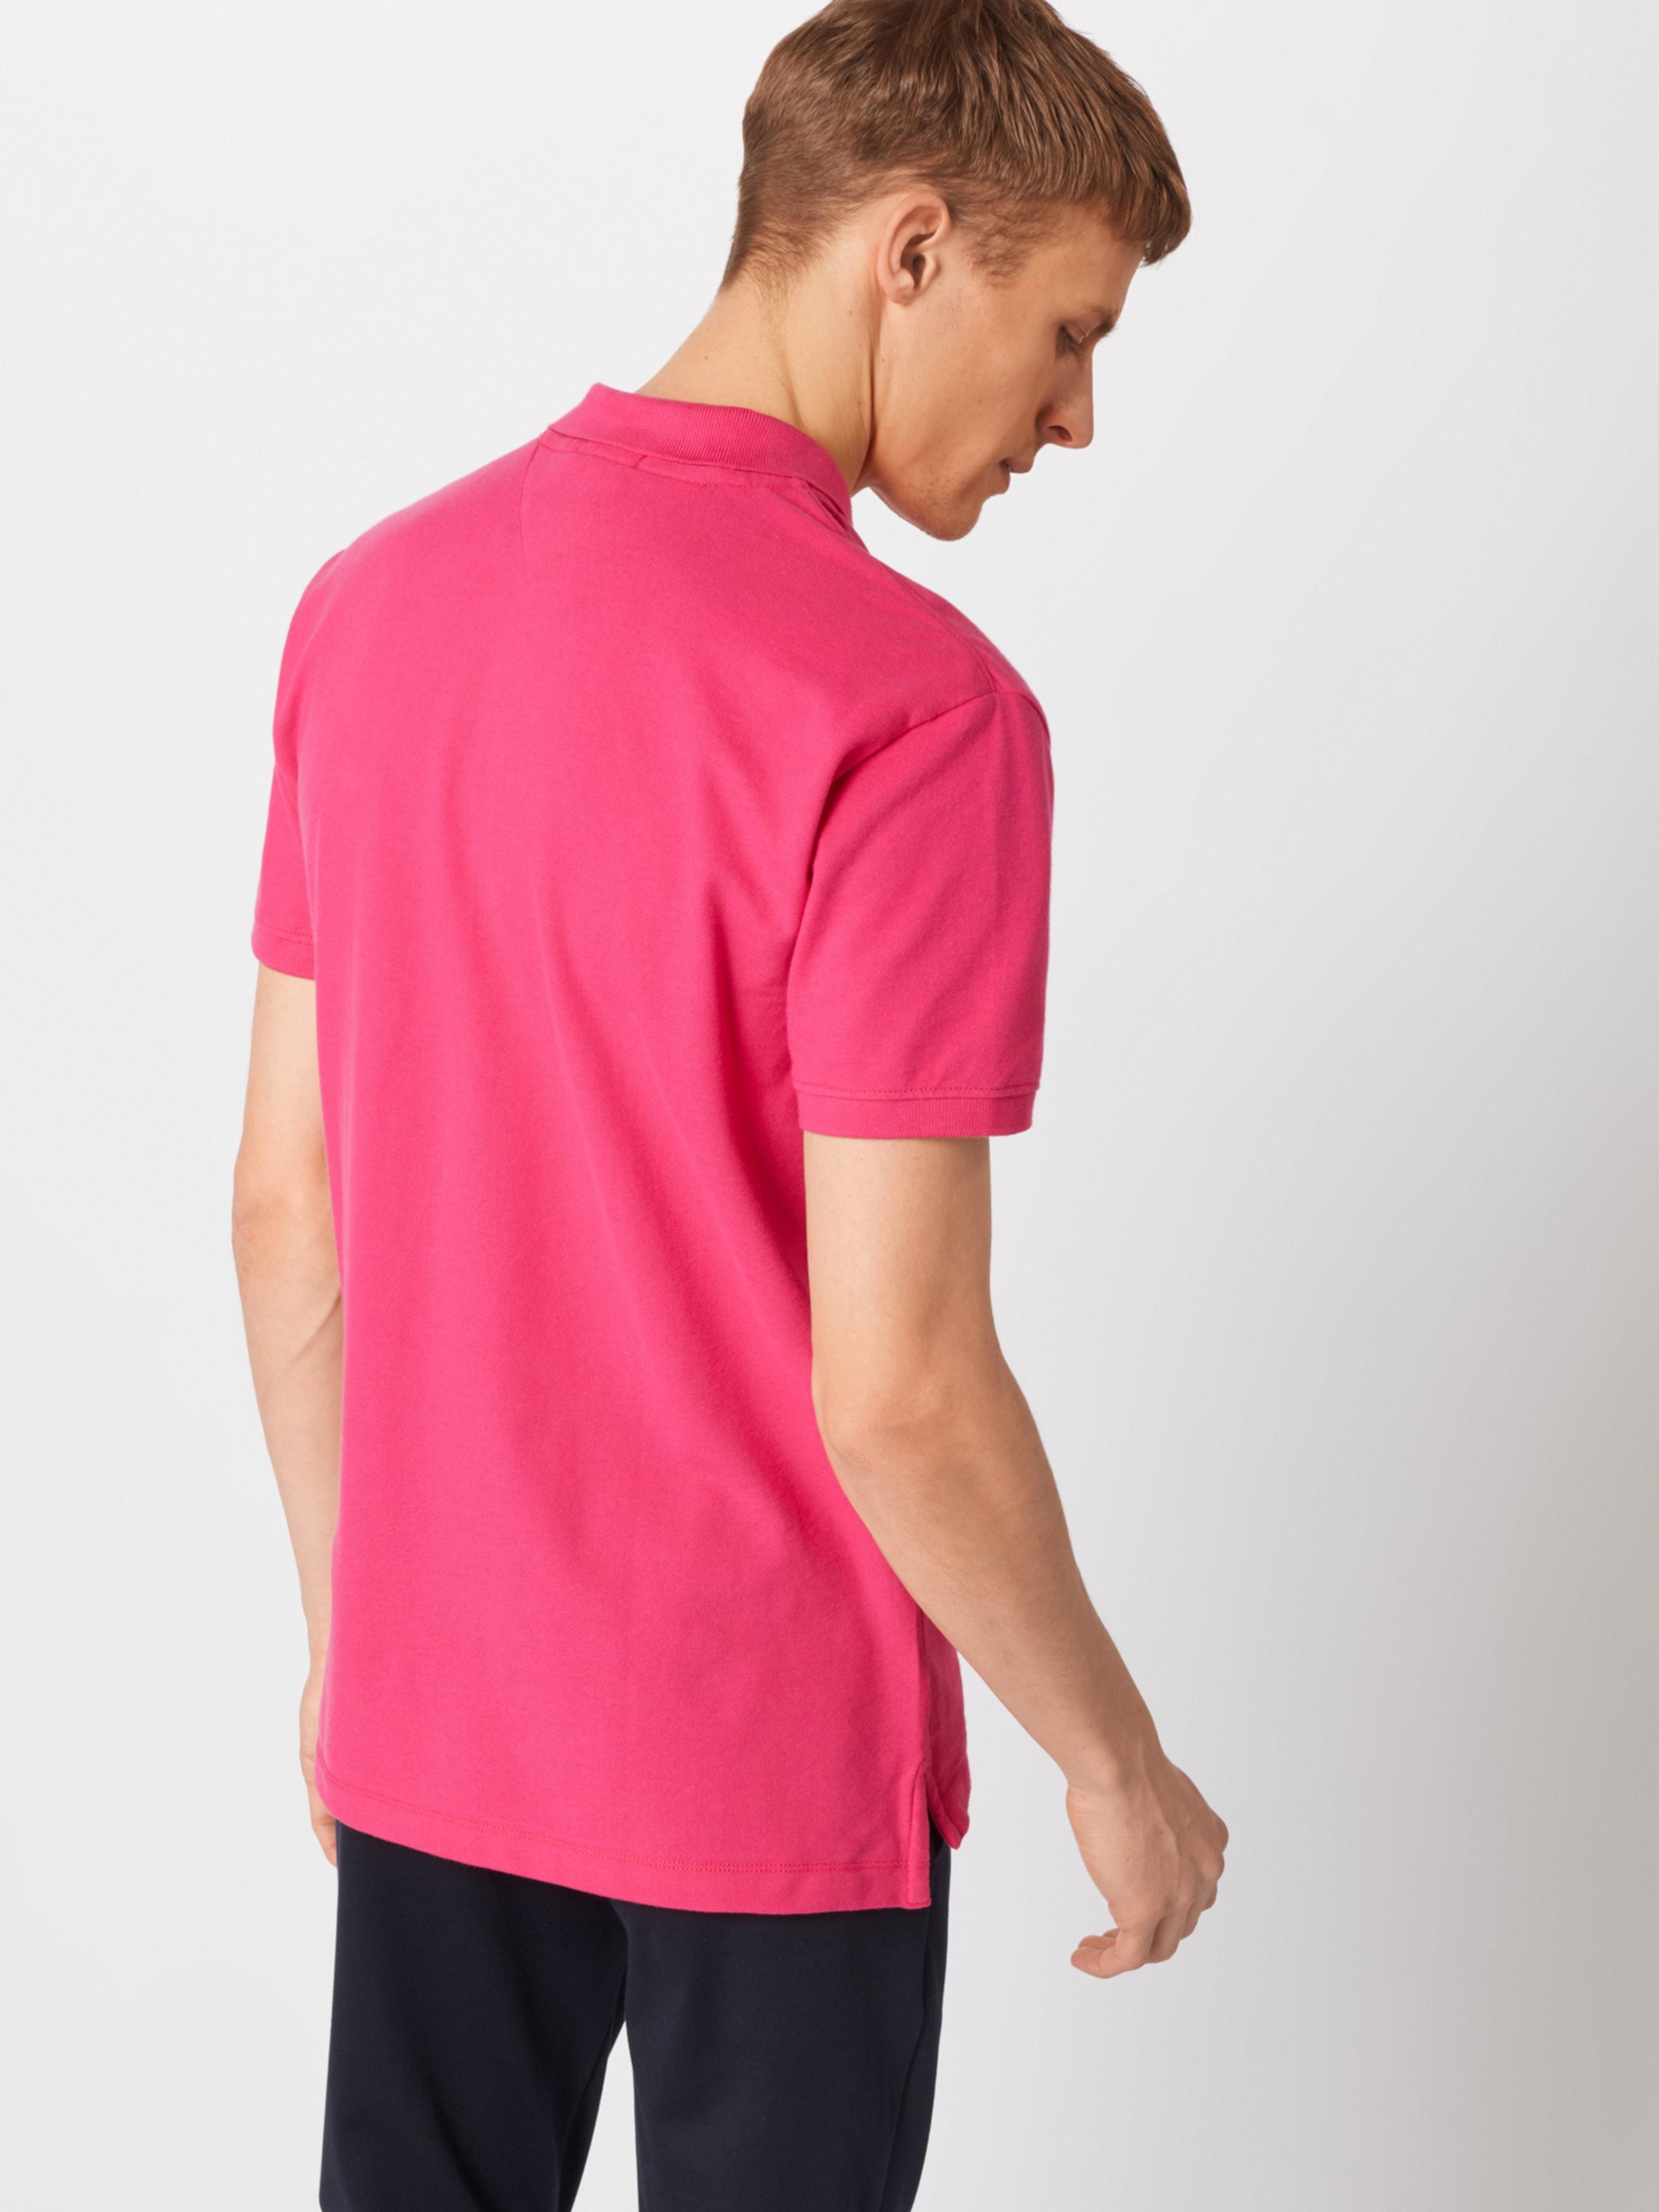 shirt En Jeans Tommy T Fuchsia eE2ID9YbHW